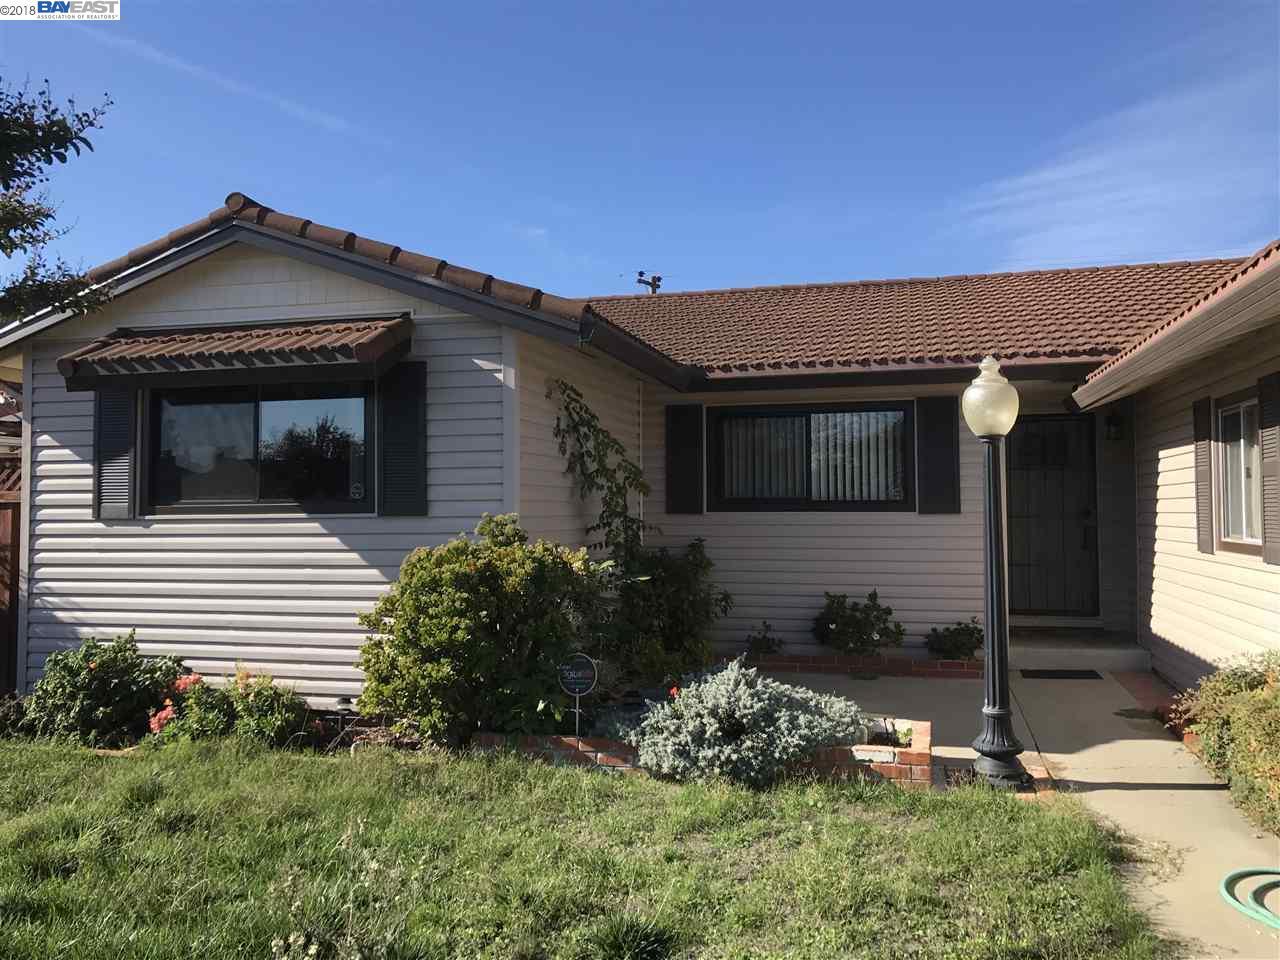 Частный односемейный дом для того Аренда на 4279 Blue Ridge Street 4279 Blue Ridge Street Fremont, Калифорния 94536 Соединенные Штаты